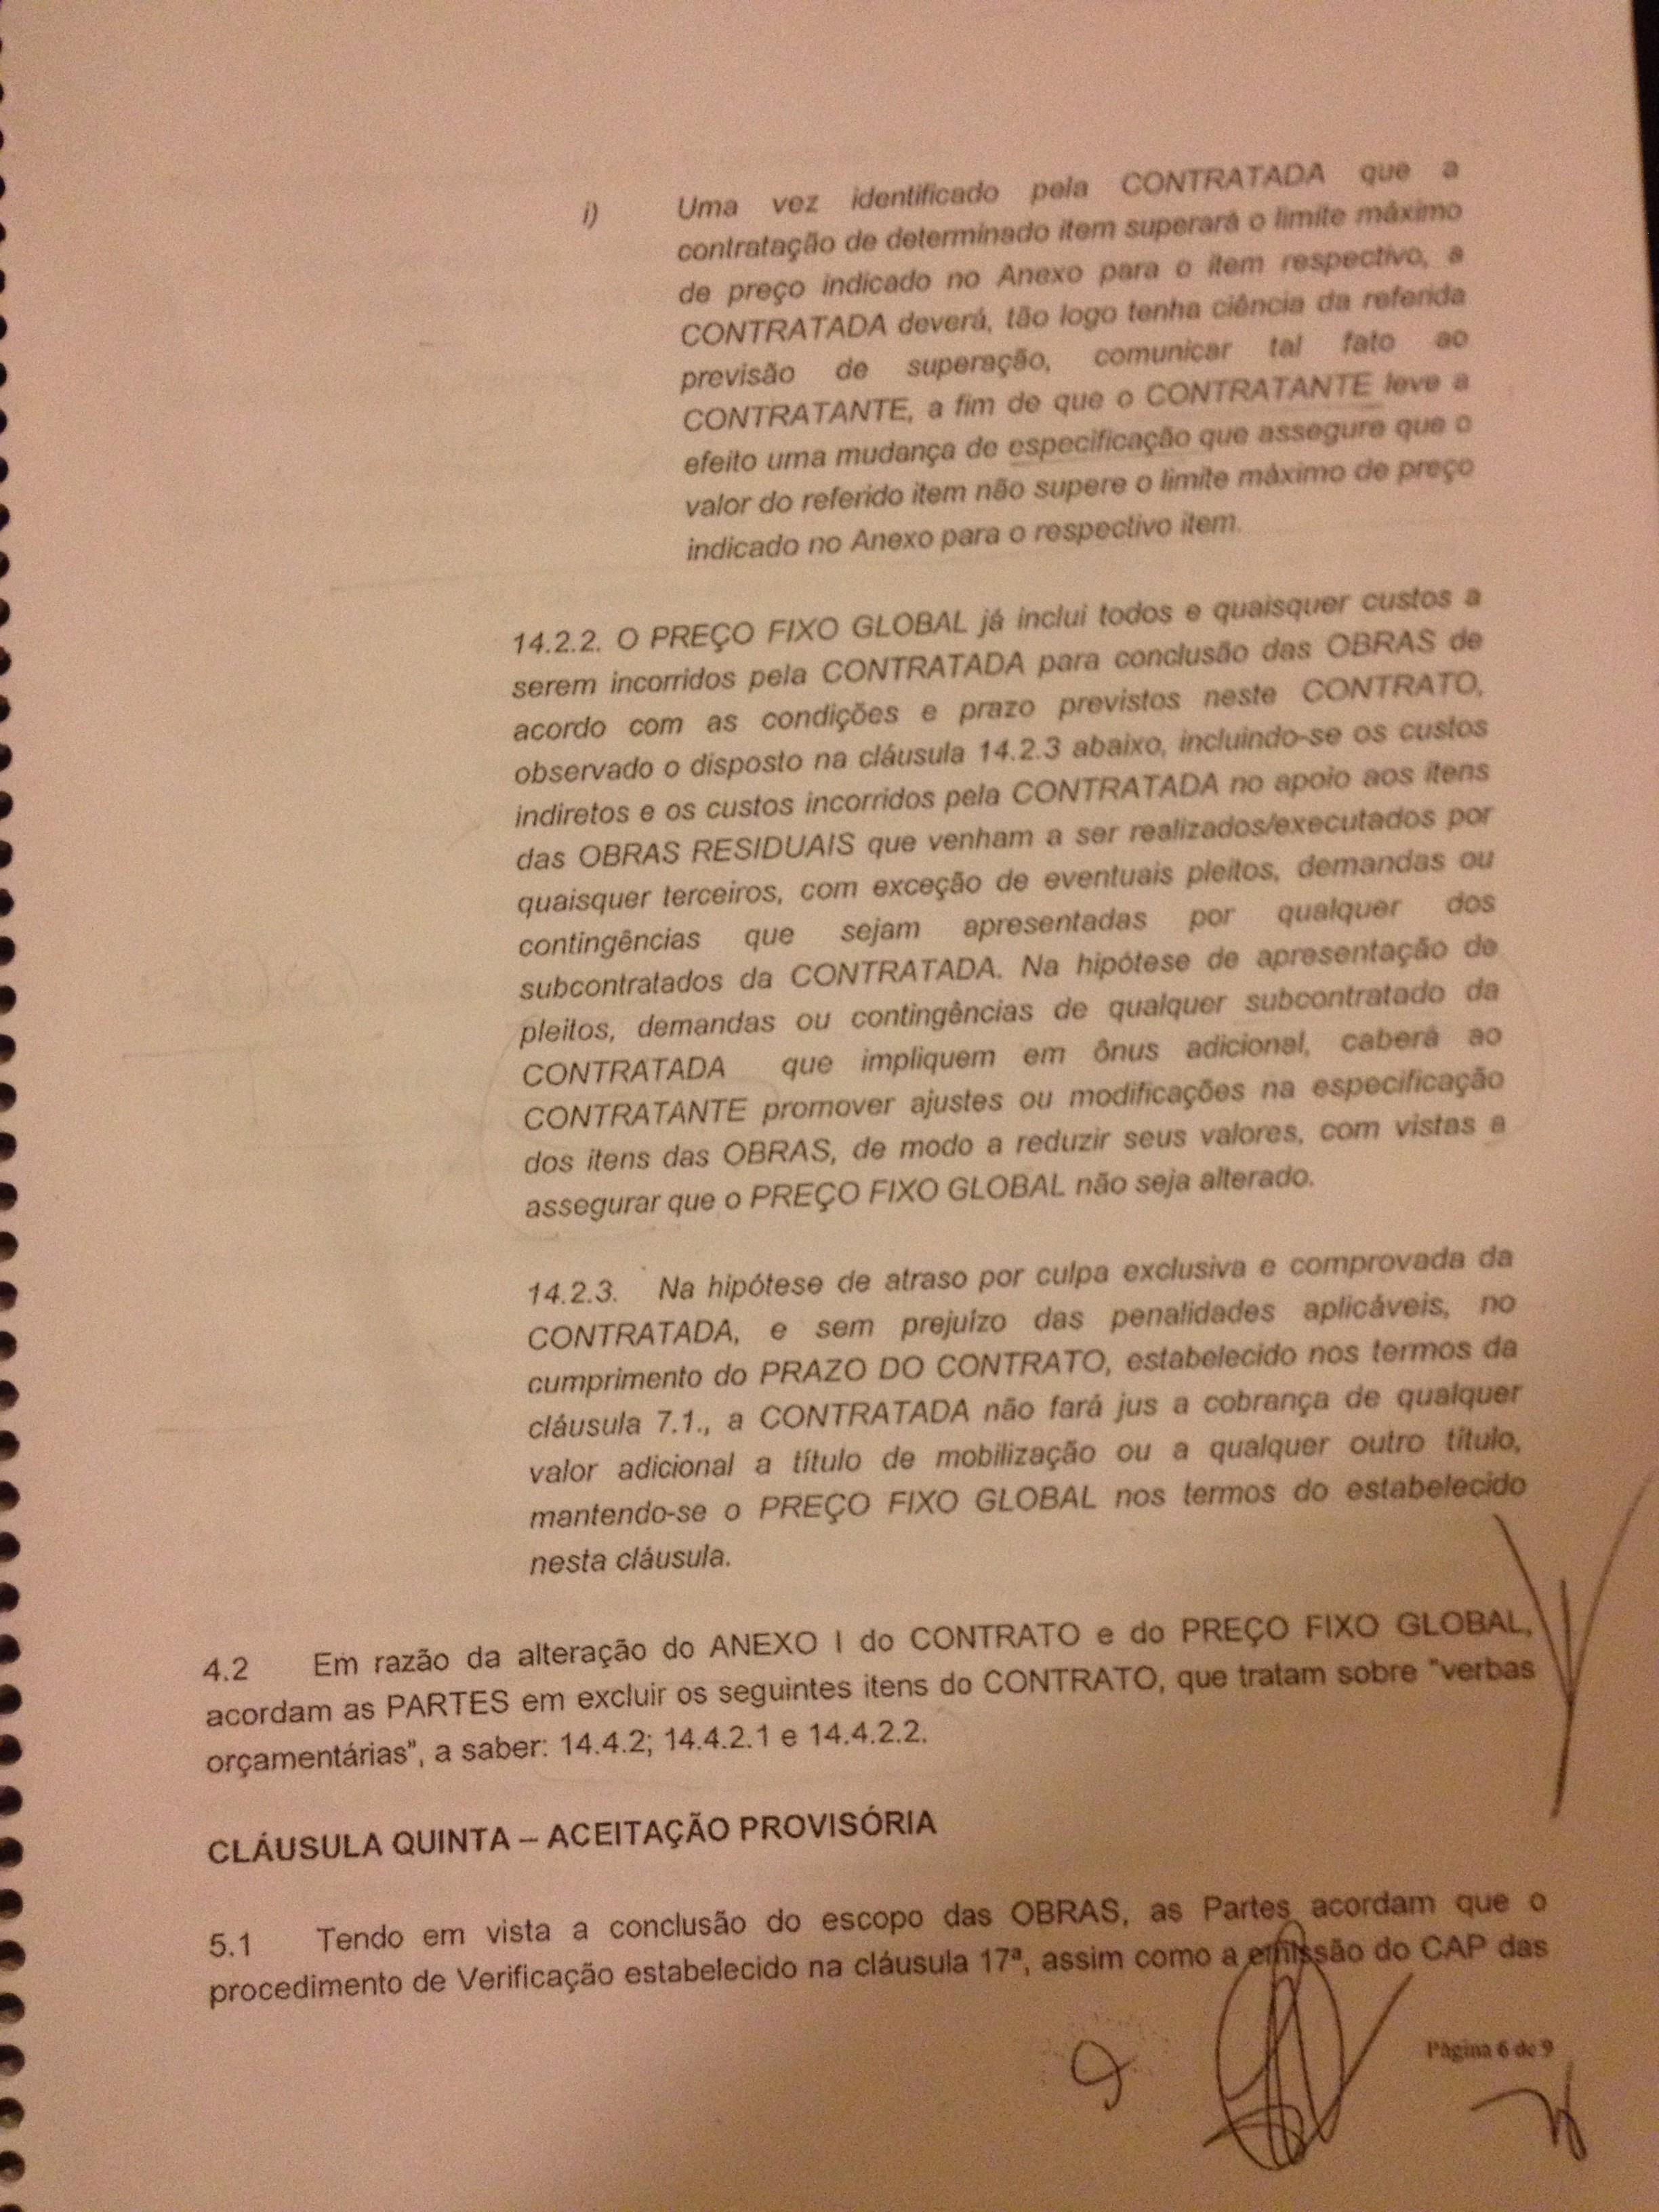 Quinto aditivo estabelece que o Corinthians tem que negociar possíveis reivindicações de fornecedores, e que isso não está no preço final